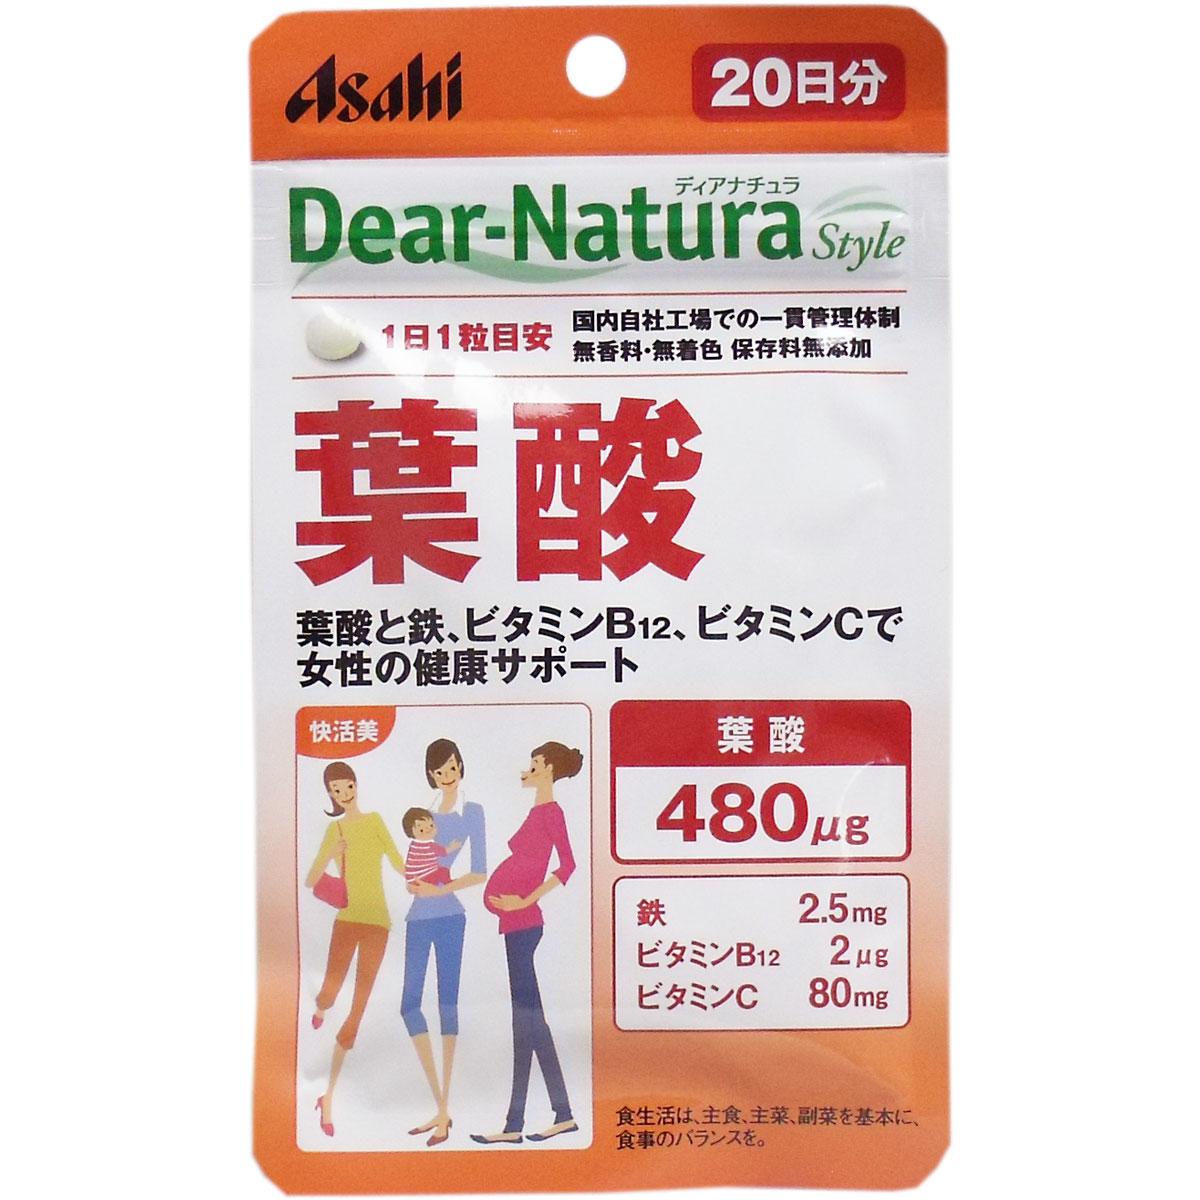 ディアナチュラ スタイル 葉酸 20日分 20粒入 (メール便利用可)